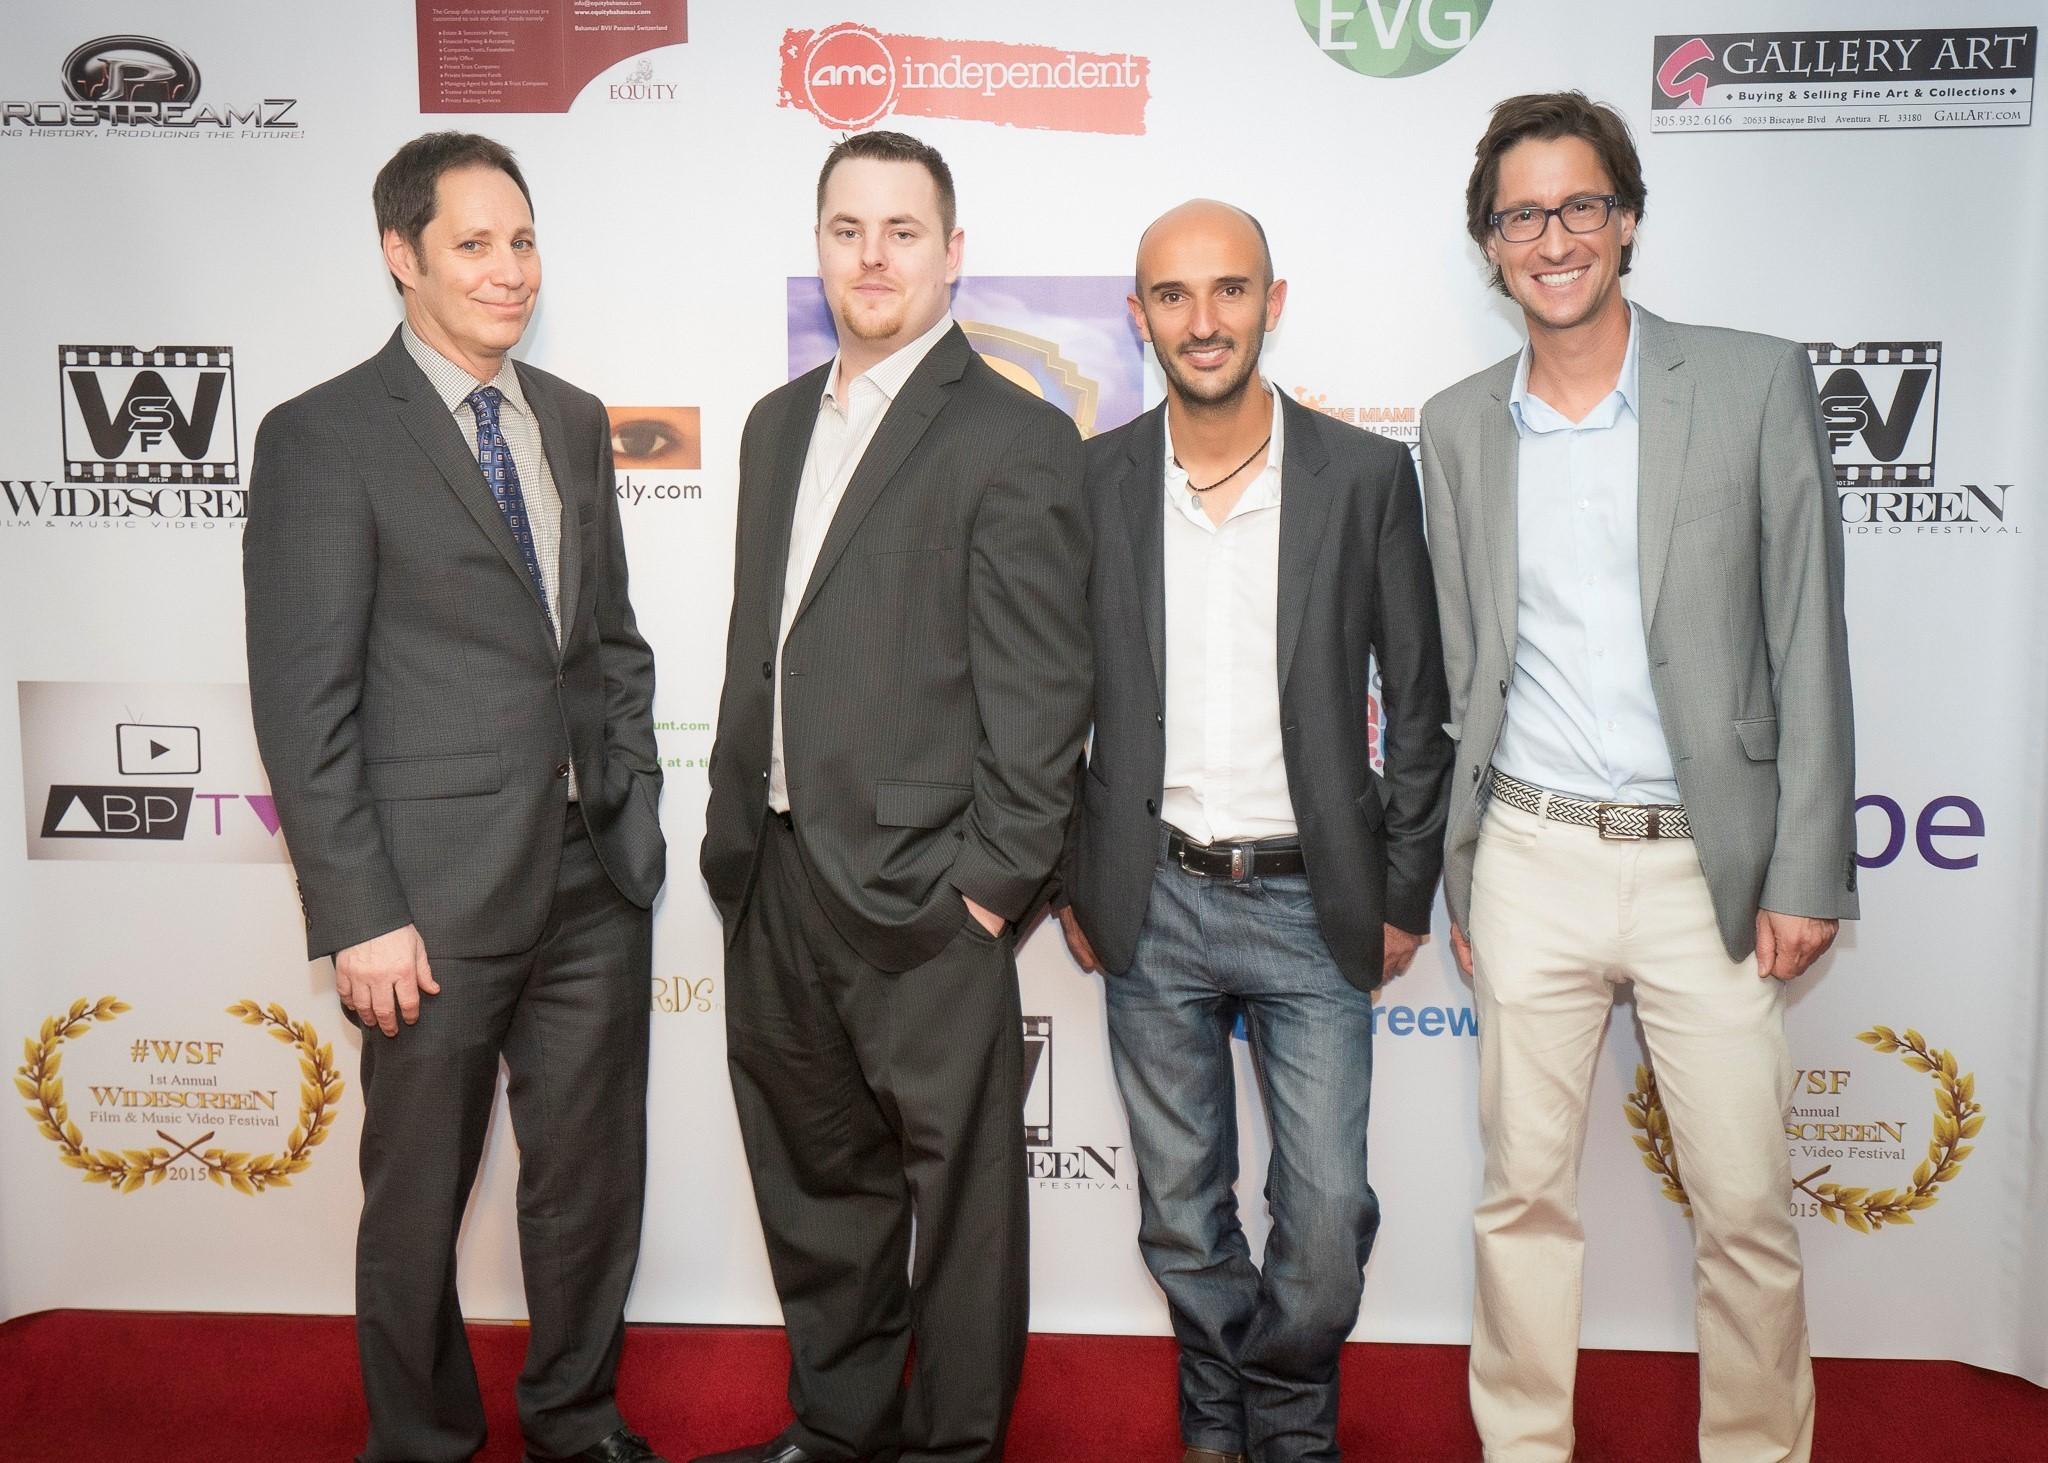 Michael Weinstein film festival